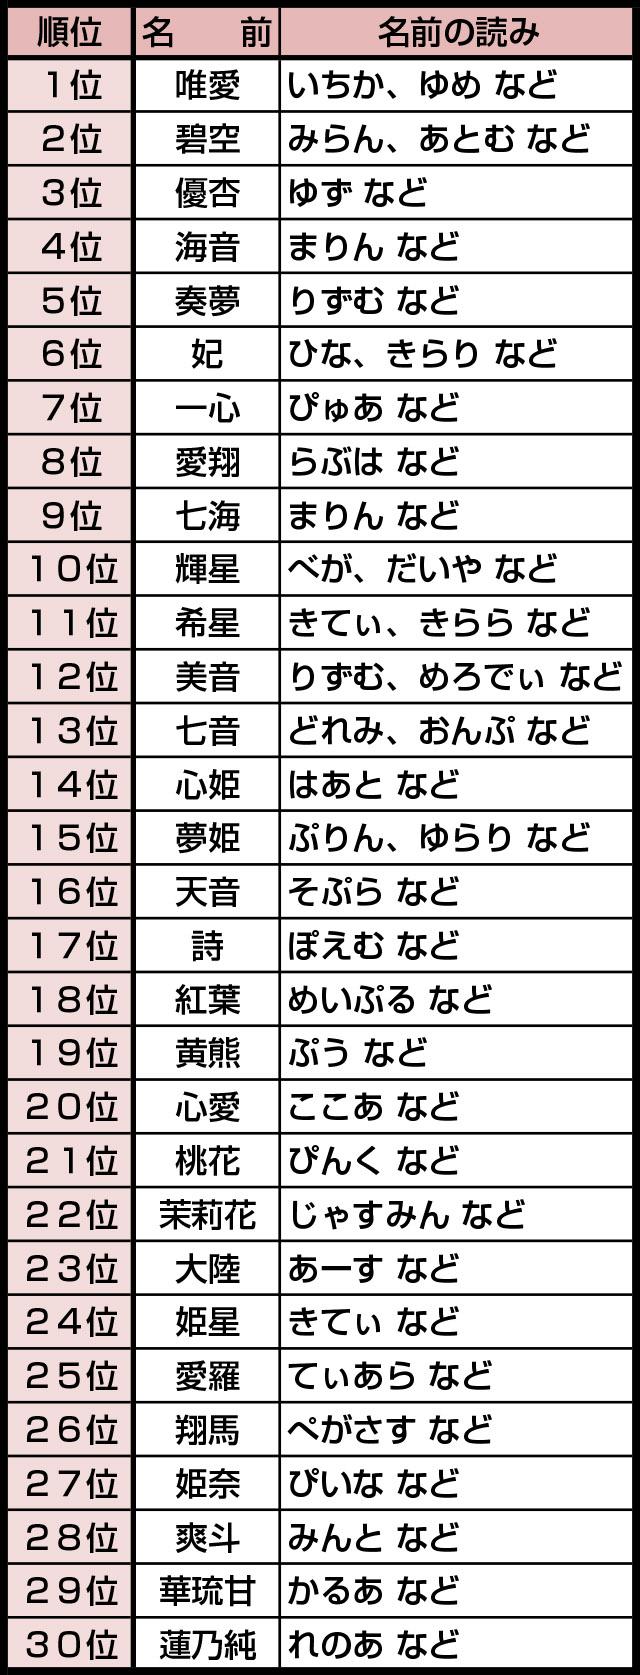 女の子 キラキラ ネーム 【キラキラネームじゃない】女の子の珍しい名前725例!ひらがな、古風...